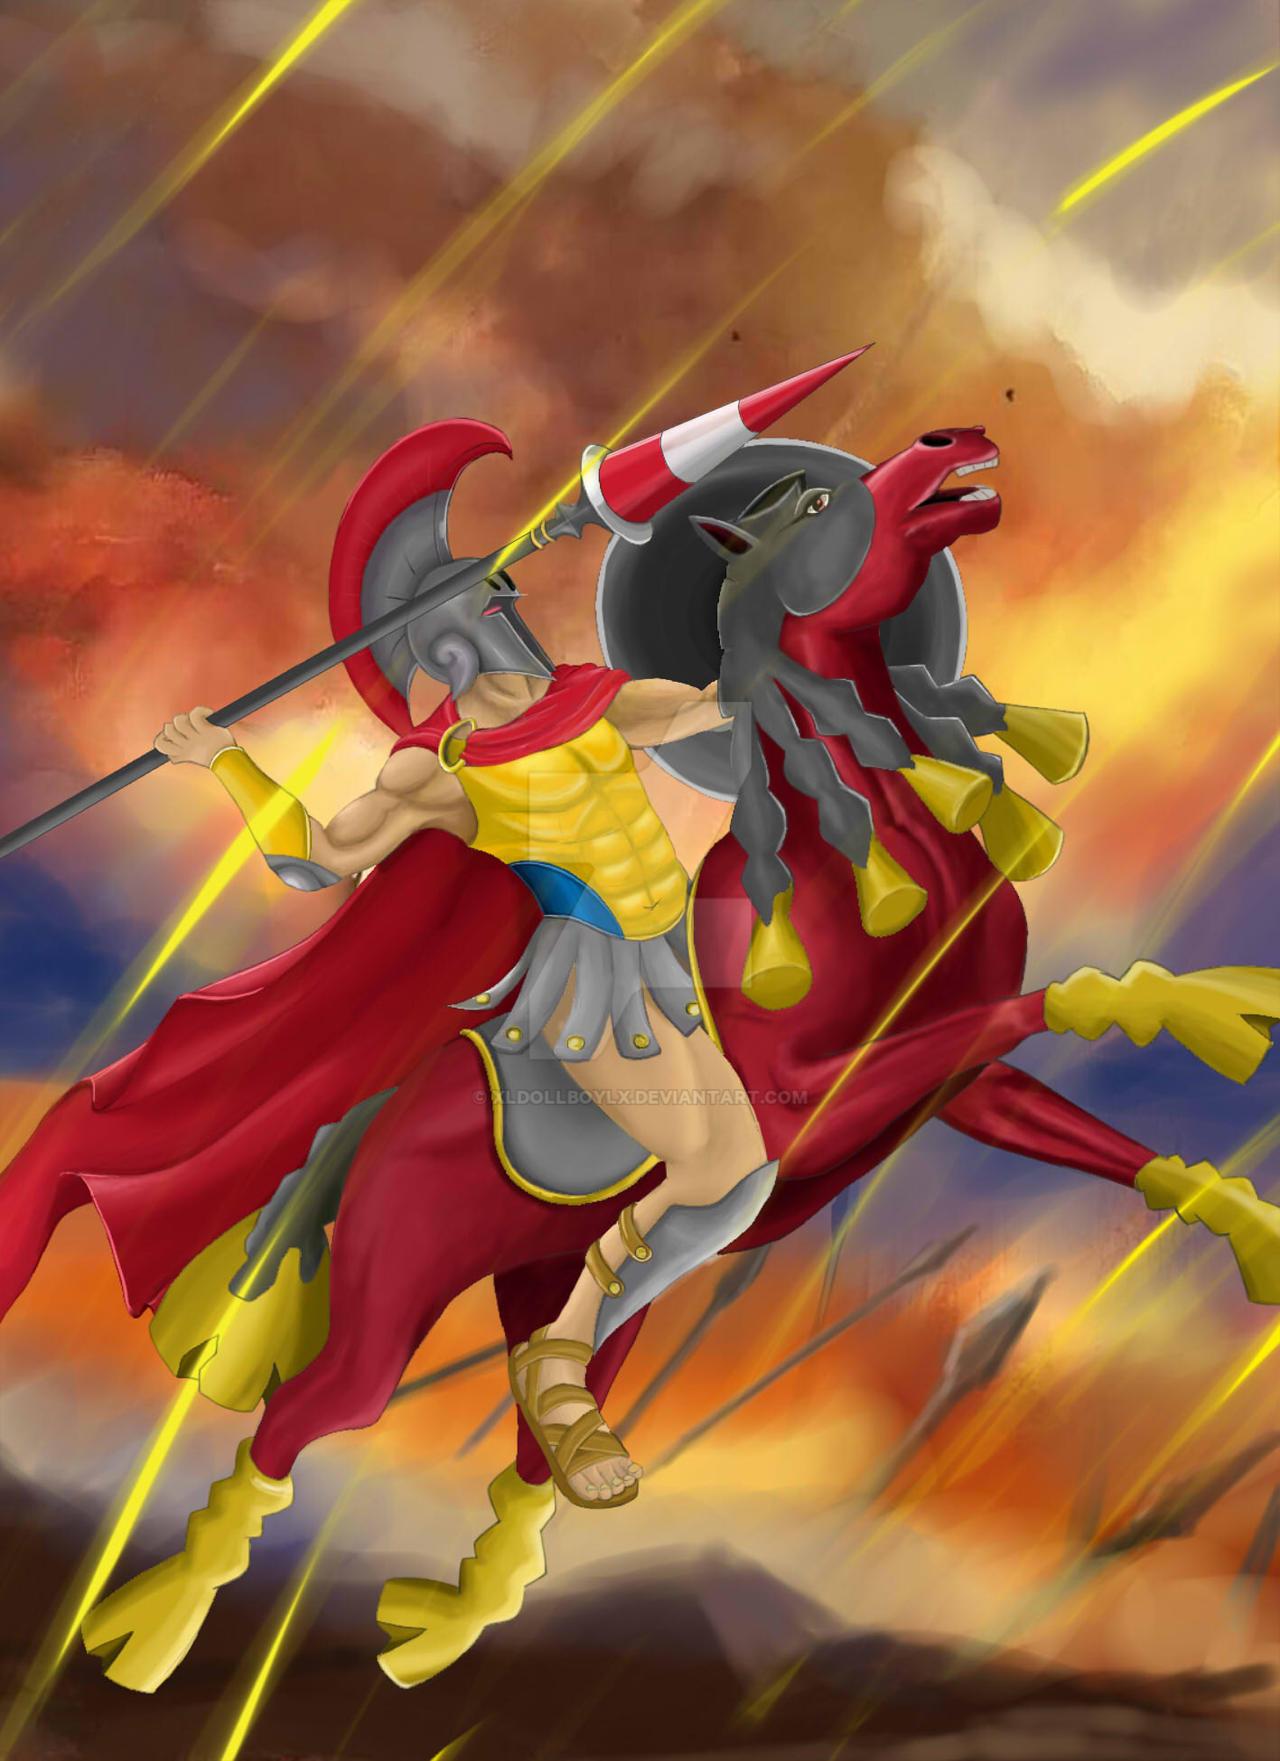 war horsemen pokemon version by xldollboylx on deviantart